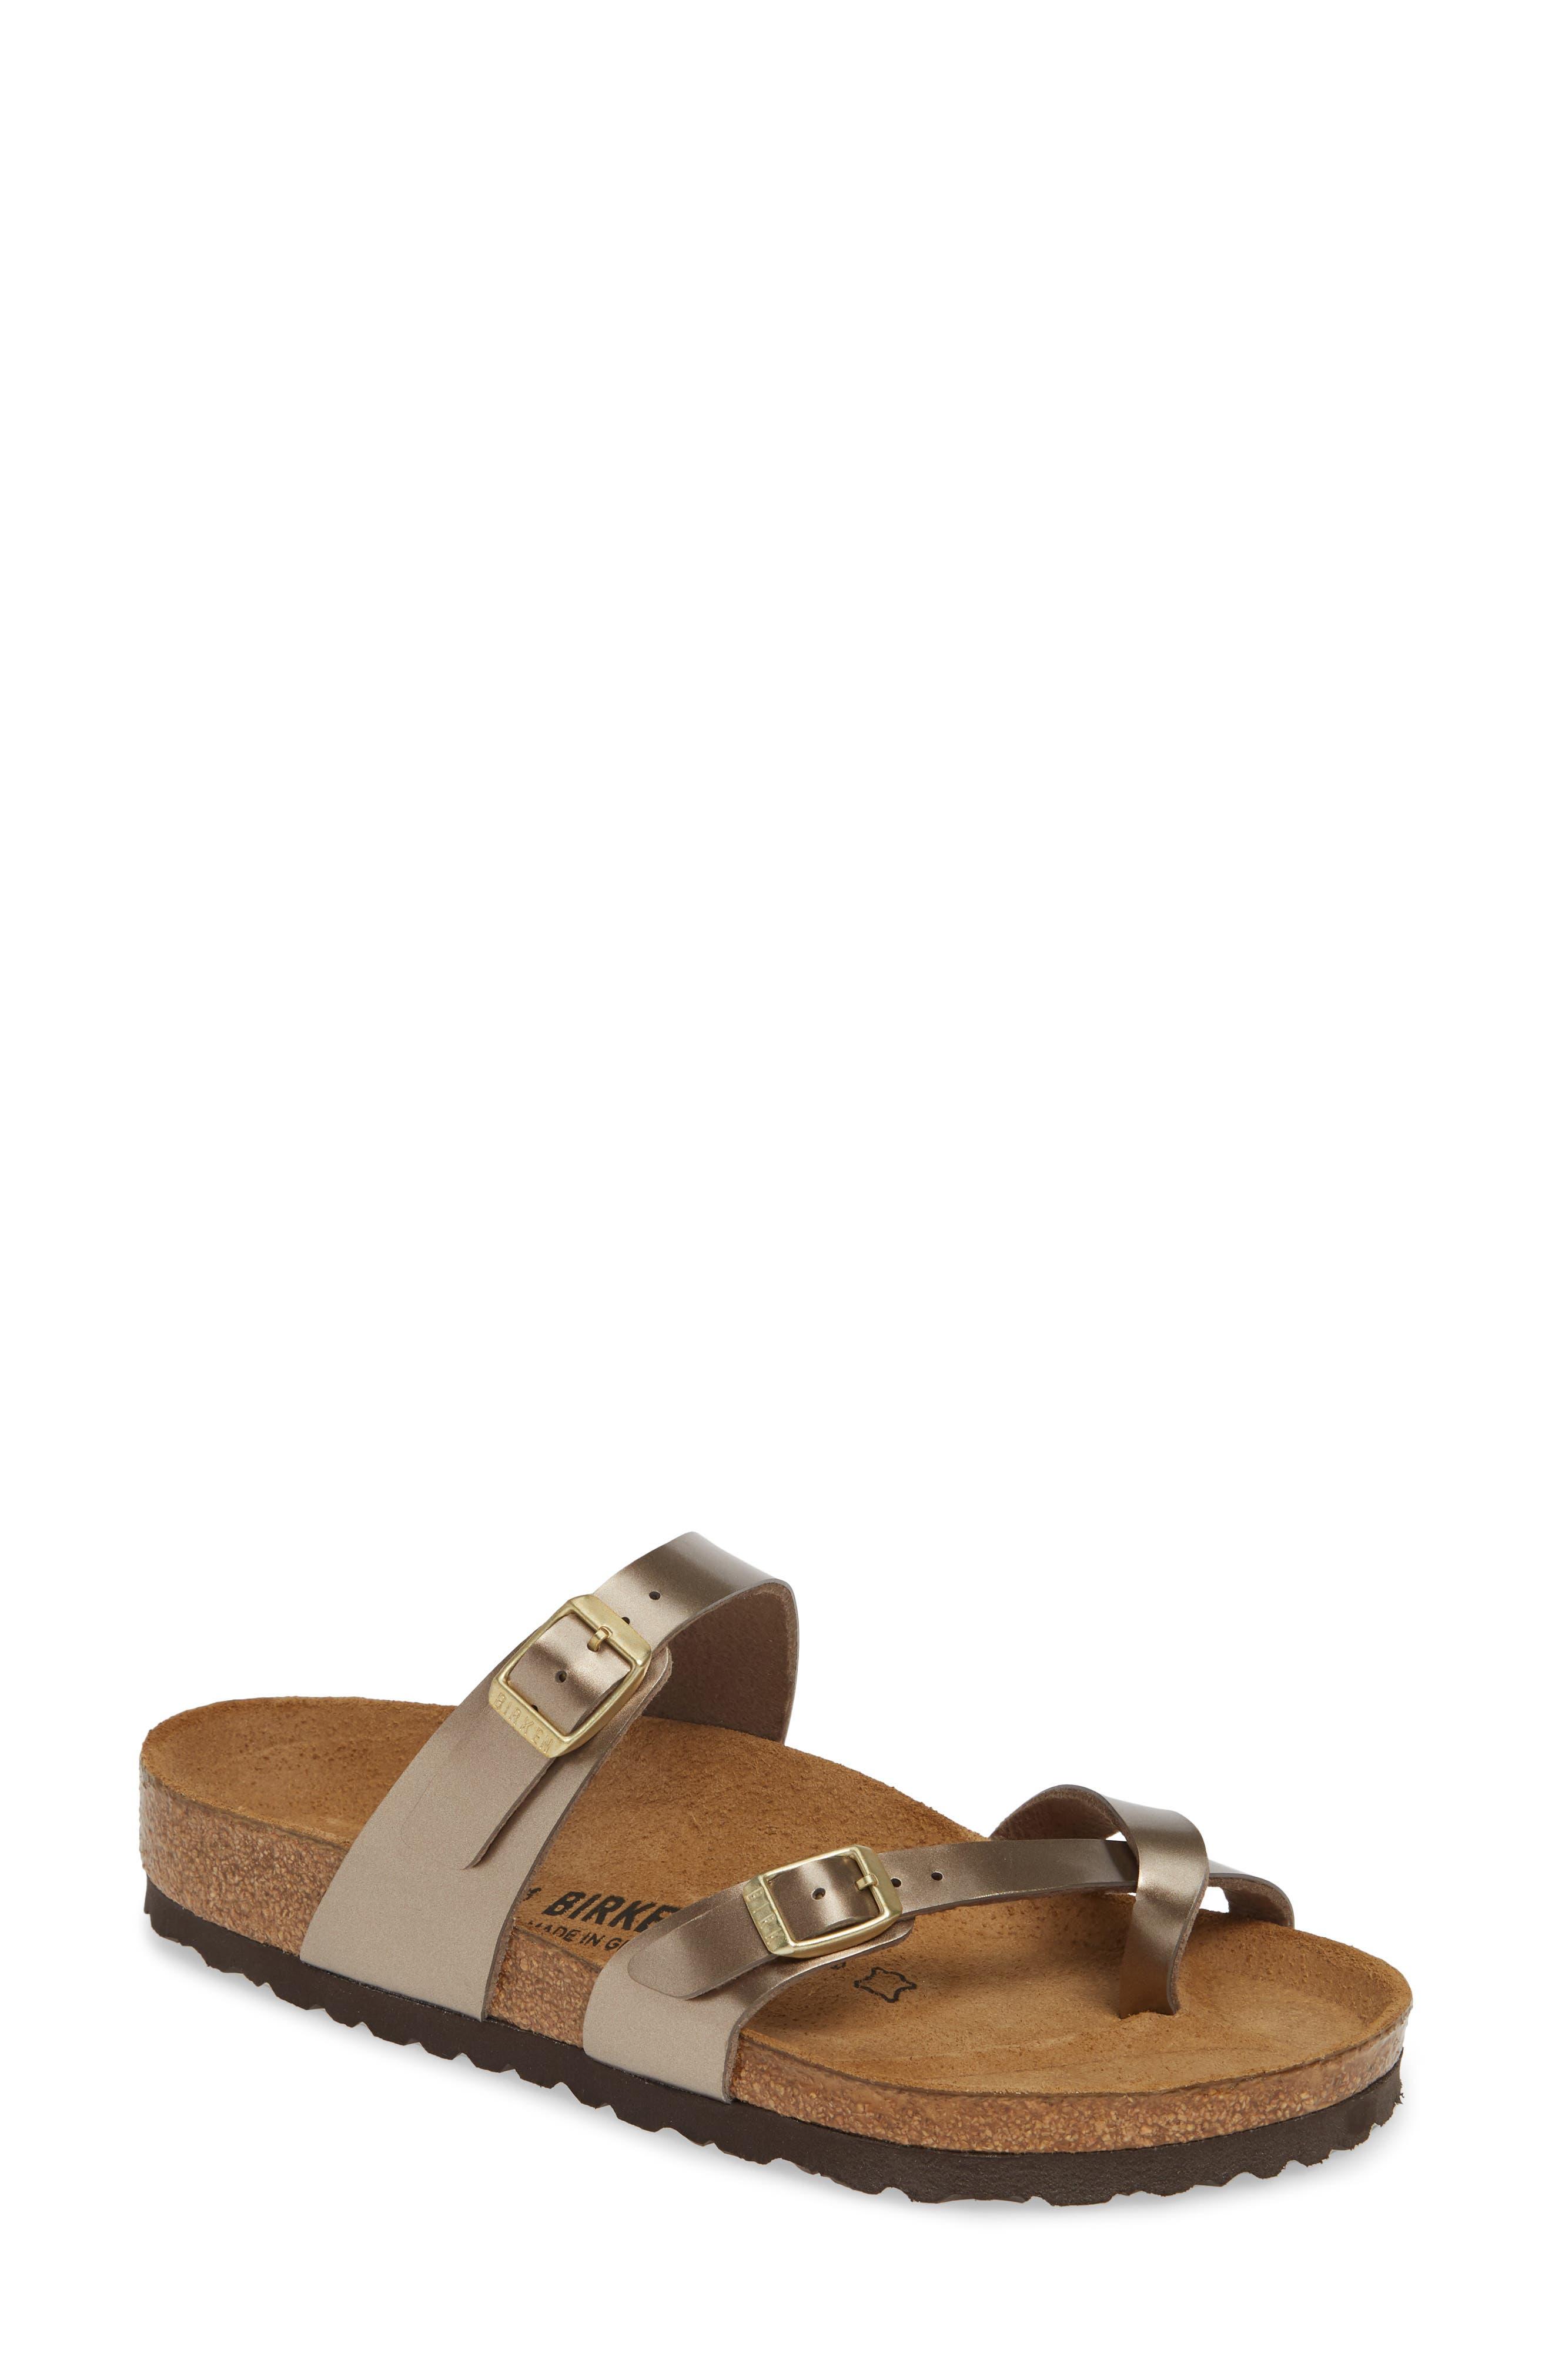 Mayari Slide Sandal, Main, color, ELECTRIC METALLIC TAUPE